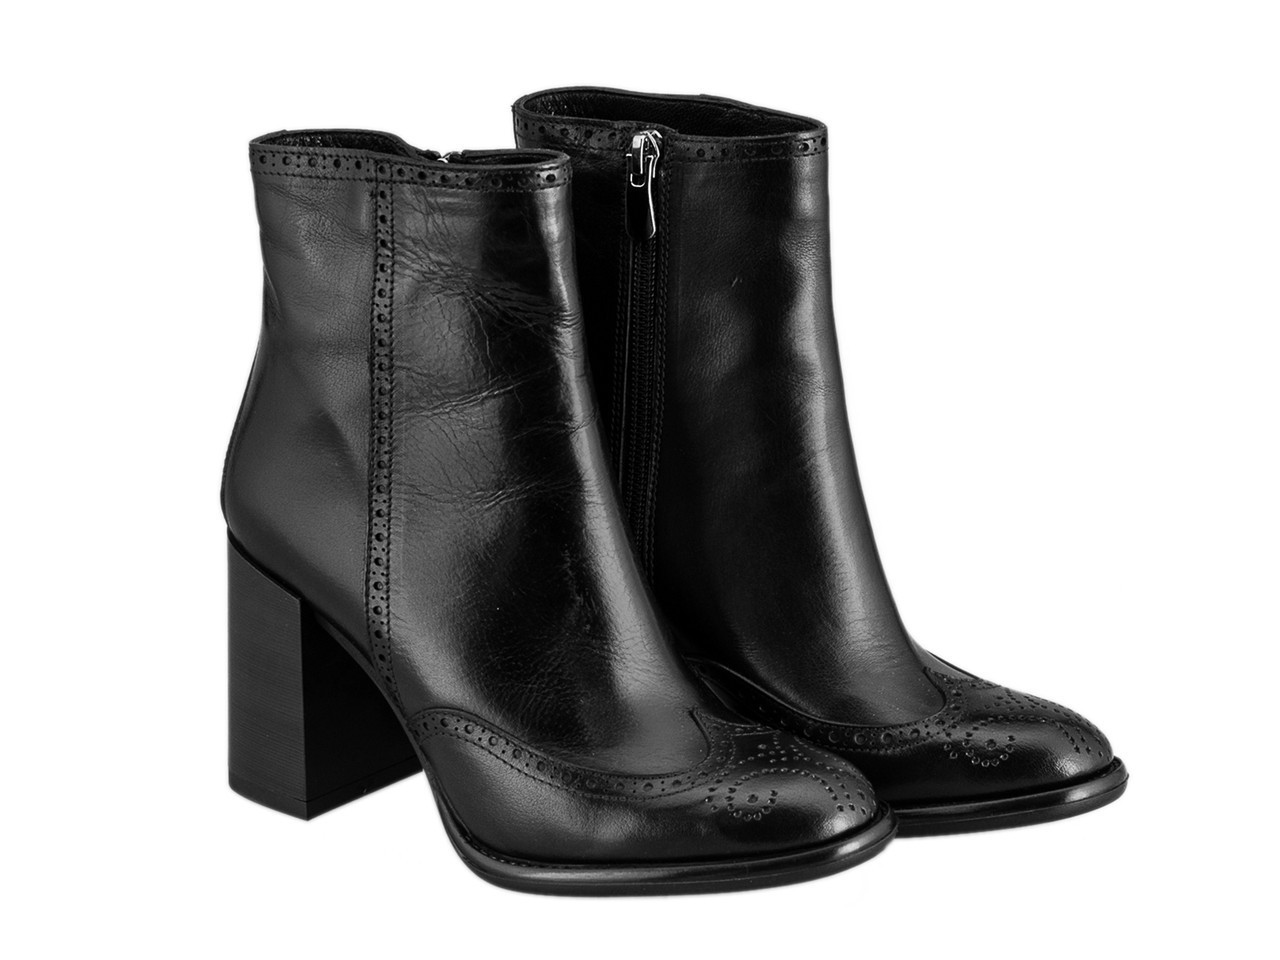 Ботинки Etor 5670-012-1440 40 черные